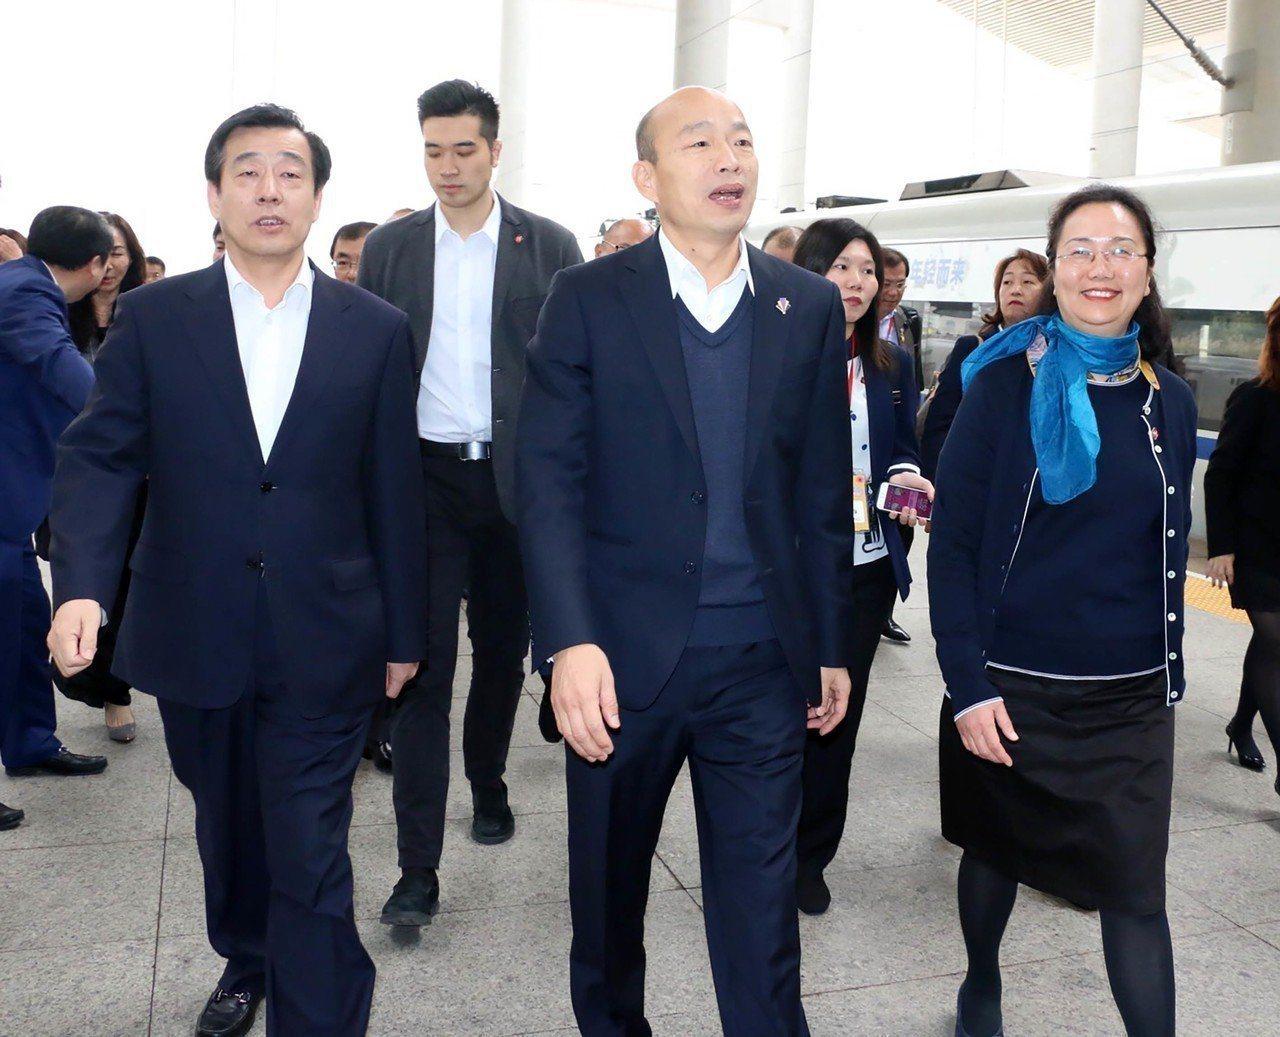 韓國瑜參訪團一行人抵達廈門,隨即再搶9億訂單,累計突破原預估50億元大關。圖/高...